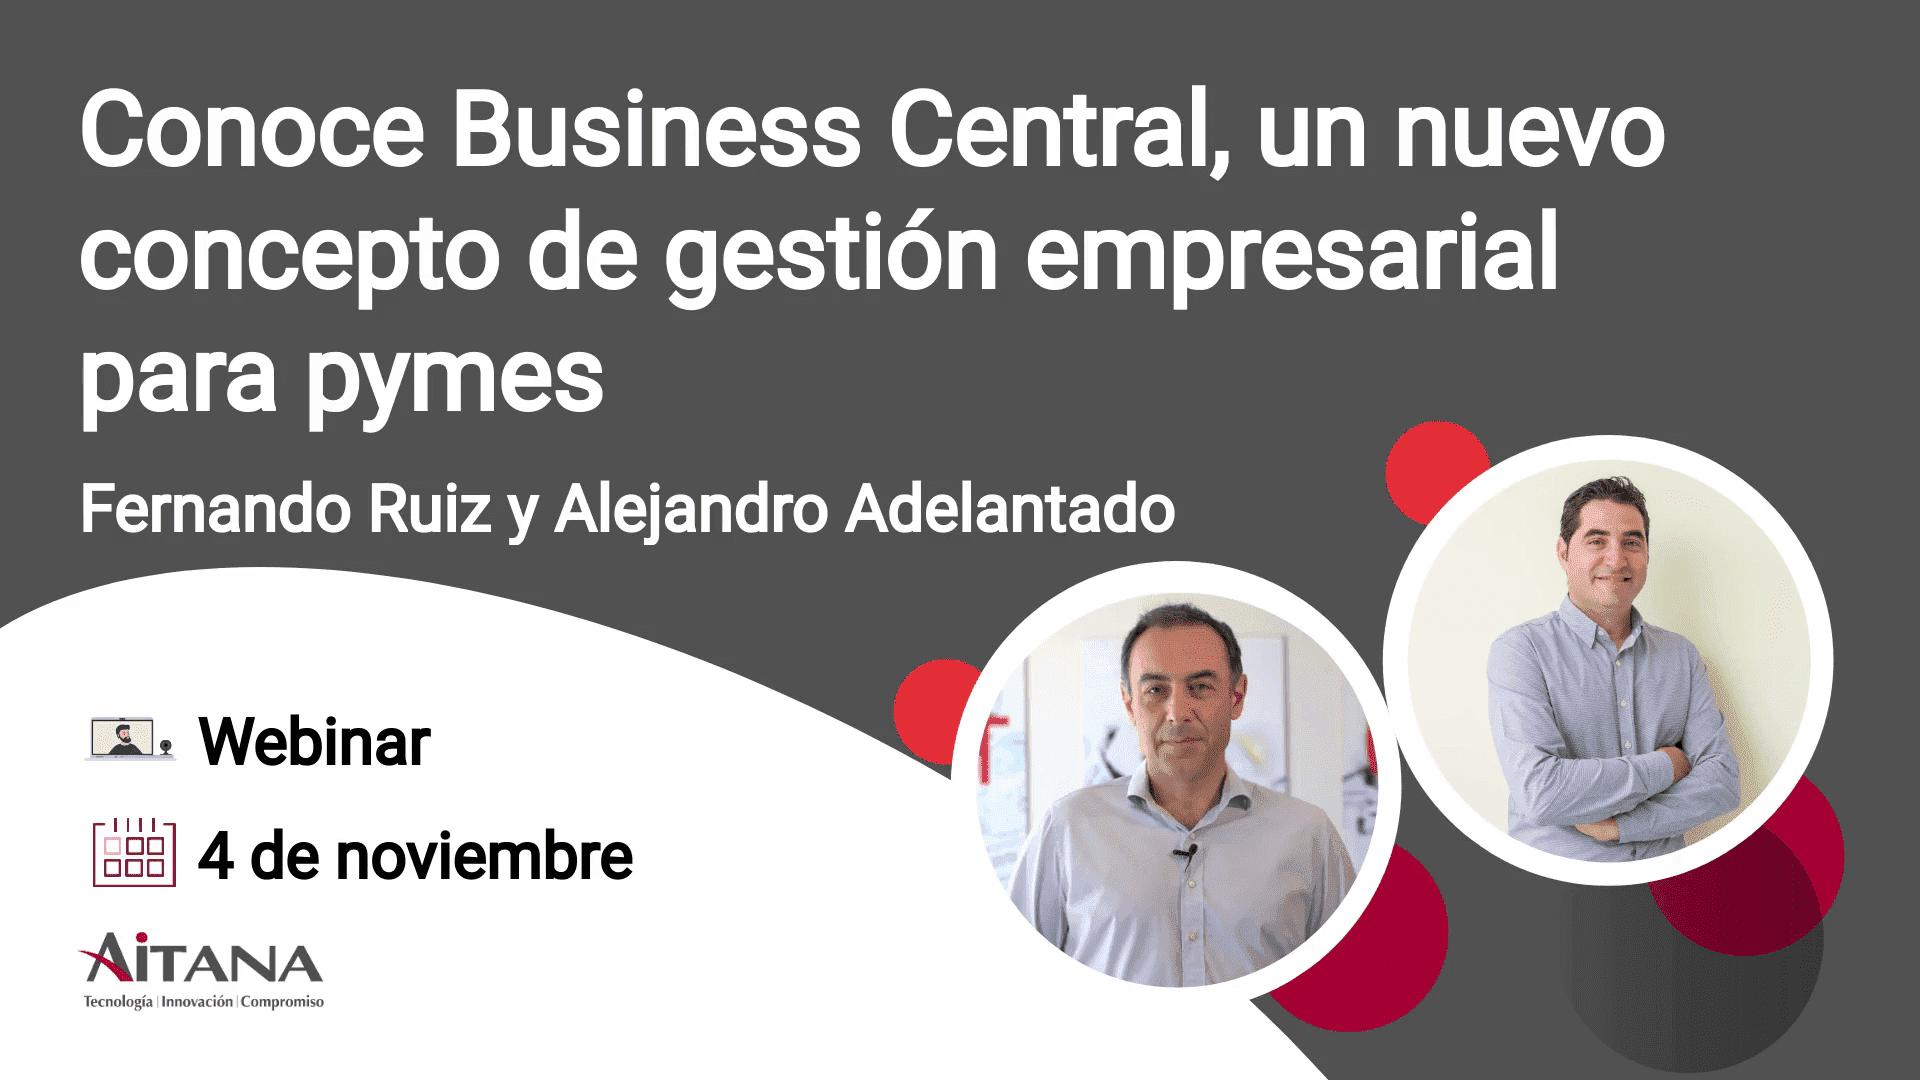 portada-business-central-nuevo-concepto-gestion-empresarial-pymes